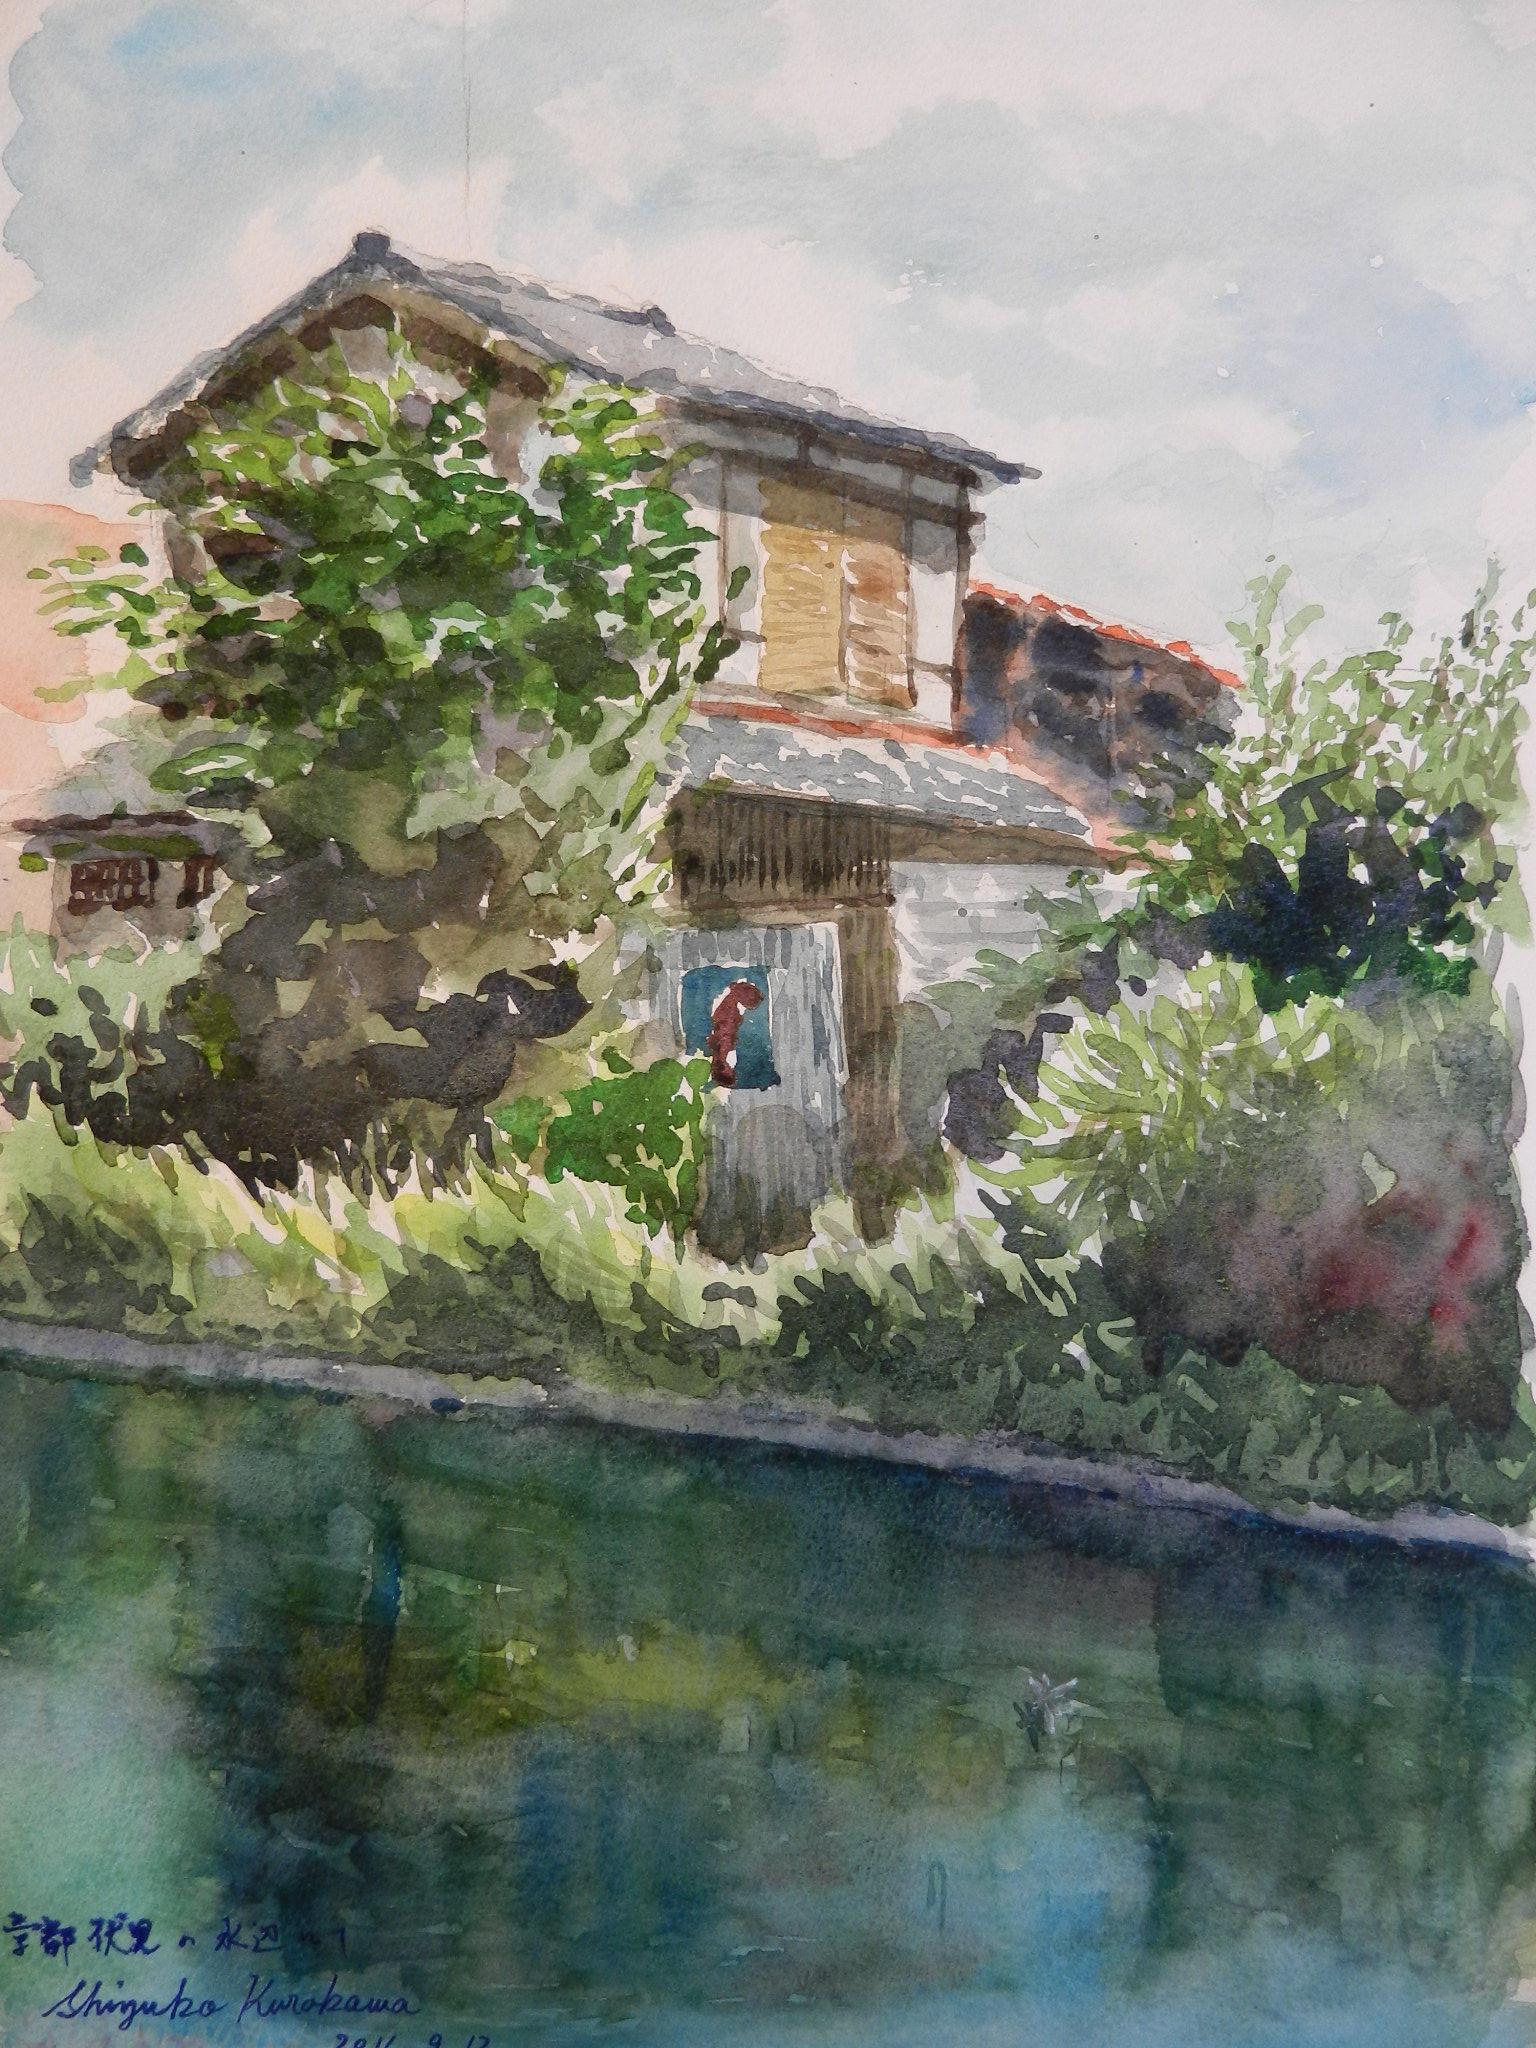 水彩的生活KUROKAWAの透明水彩画   はじまったこと 「箕面のアート&雑貨『この街、あの空』展」&「水彩スケッチクラブ(SSC)」 コメント